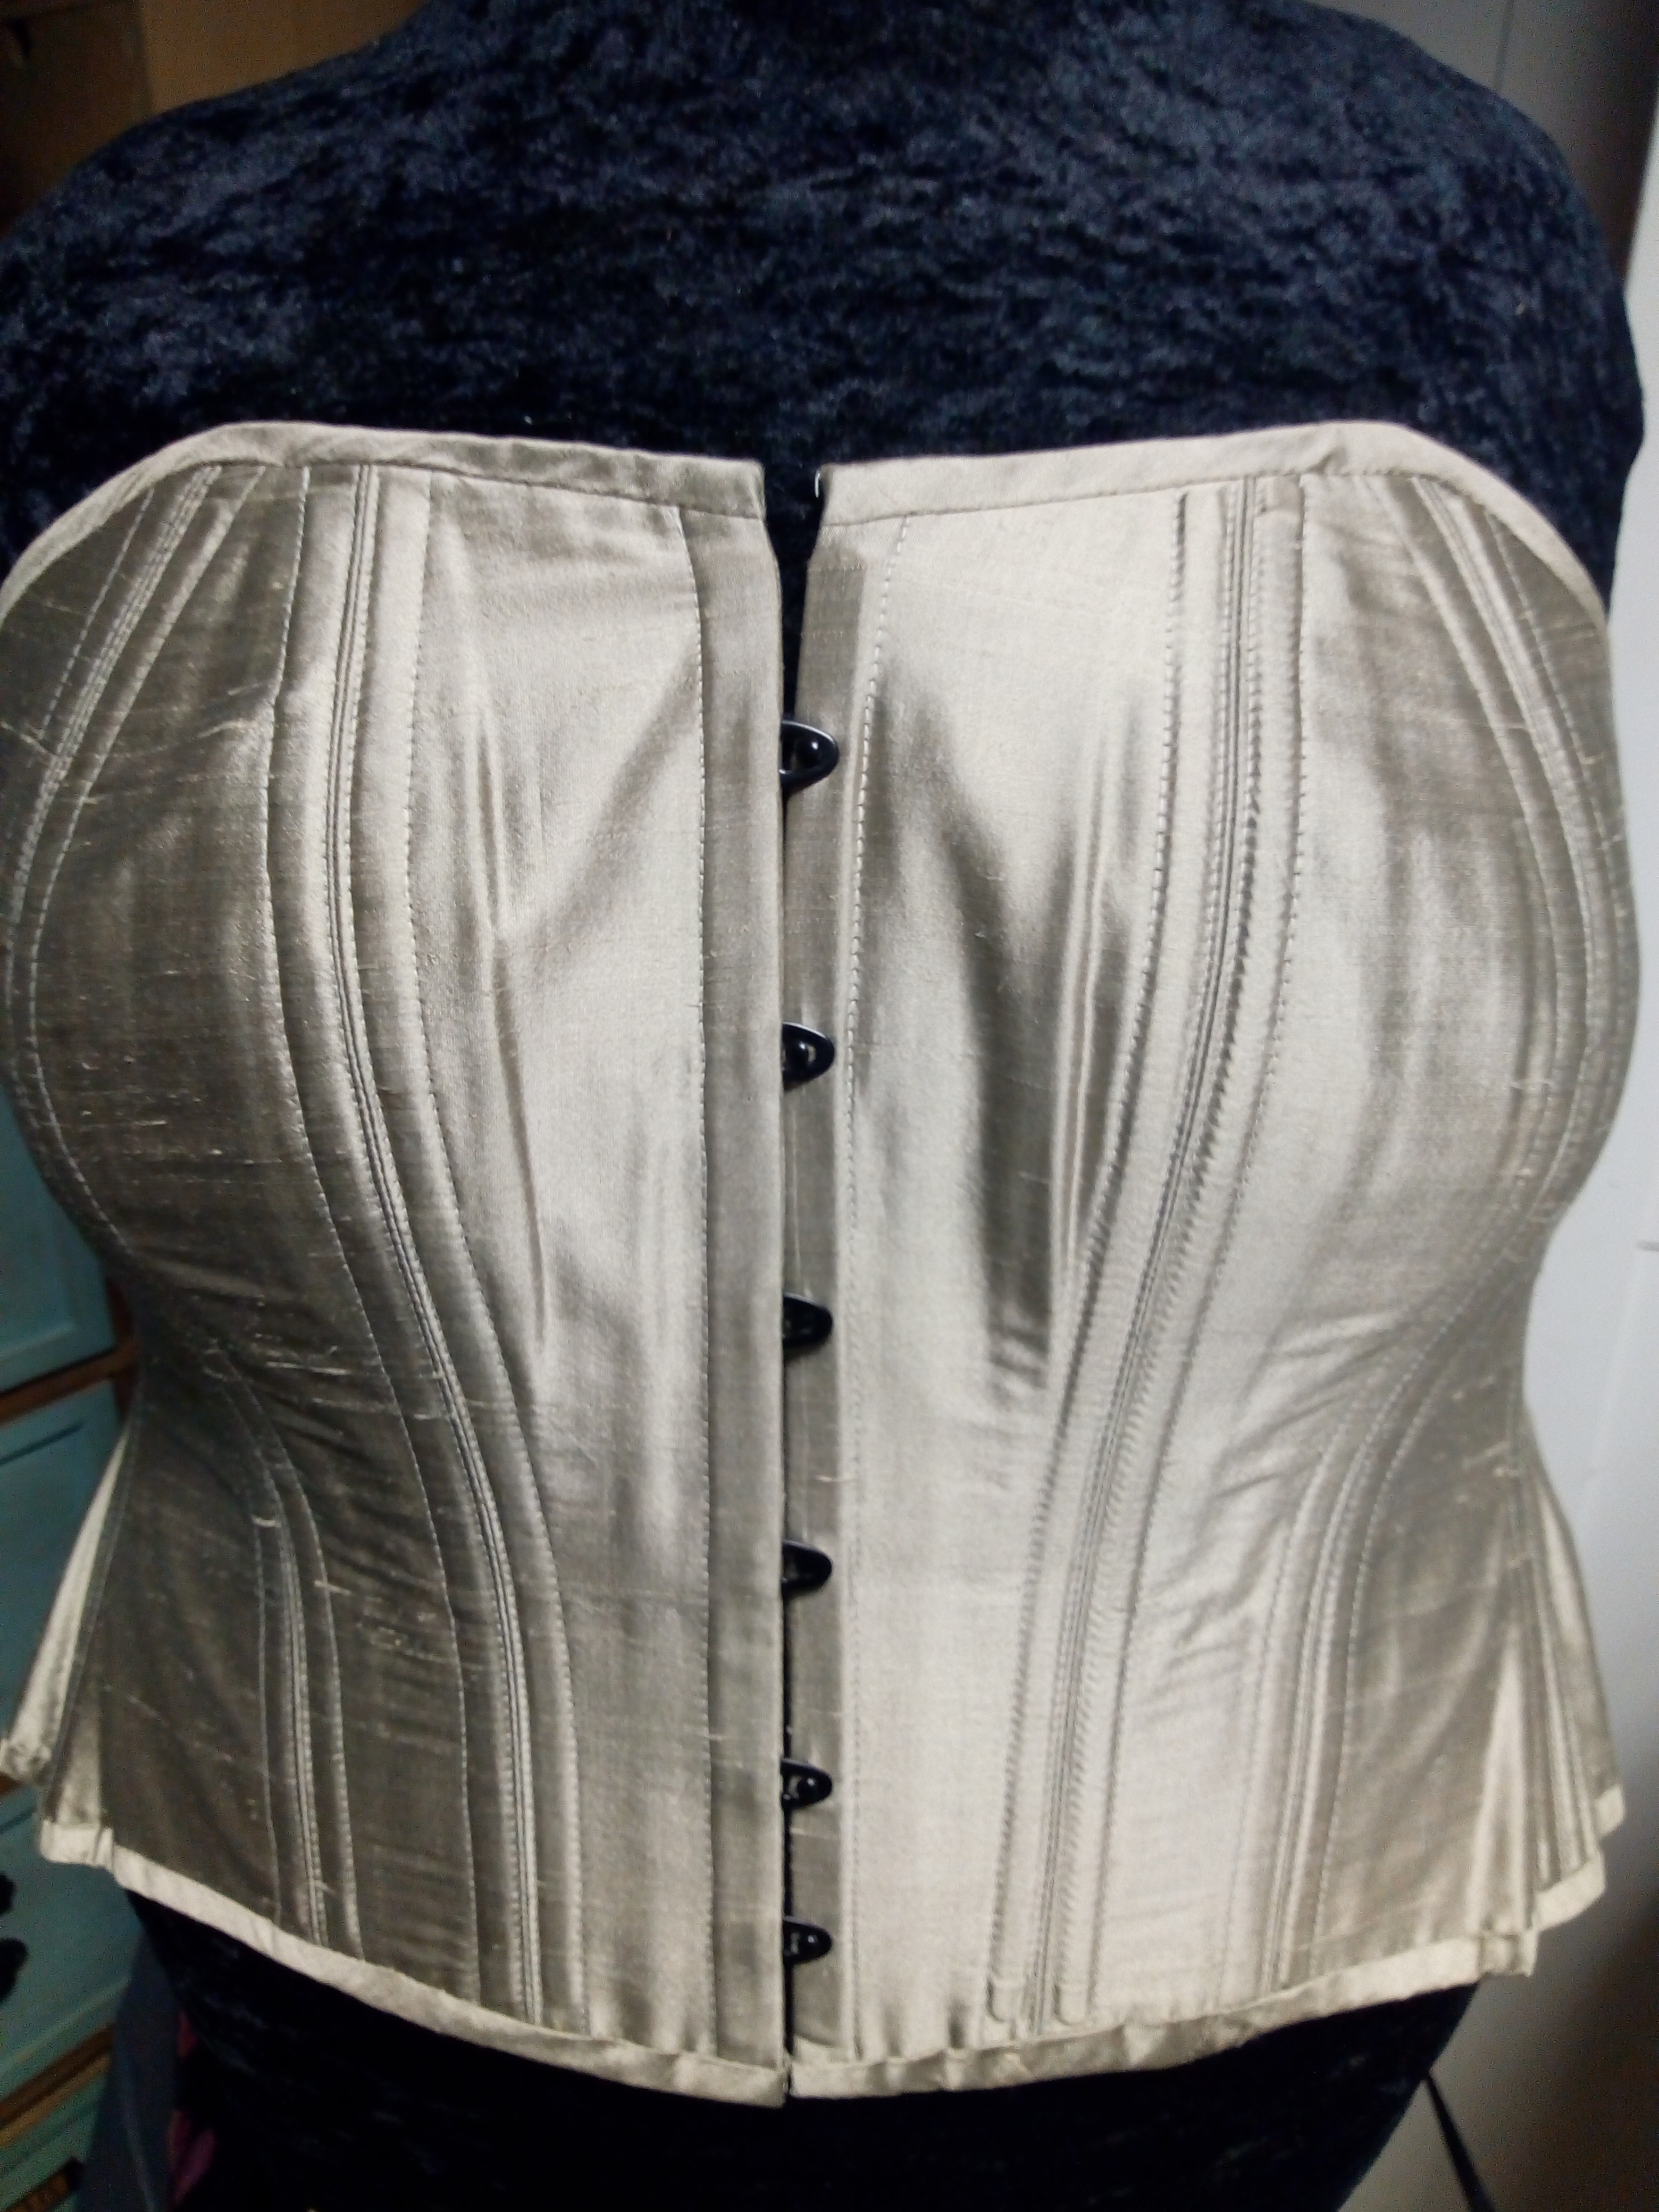 Overbuste corset